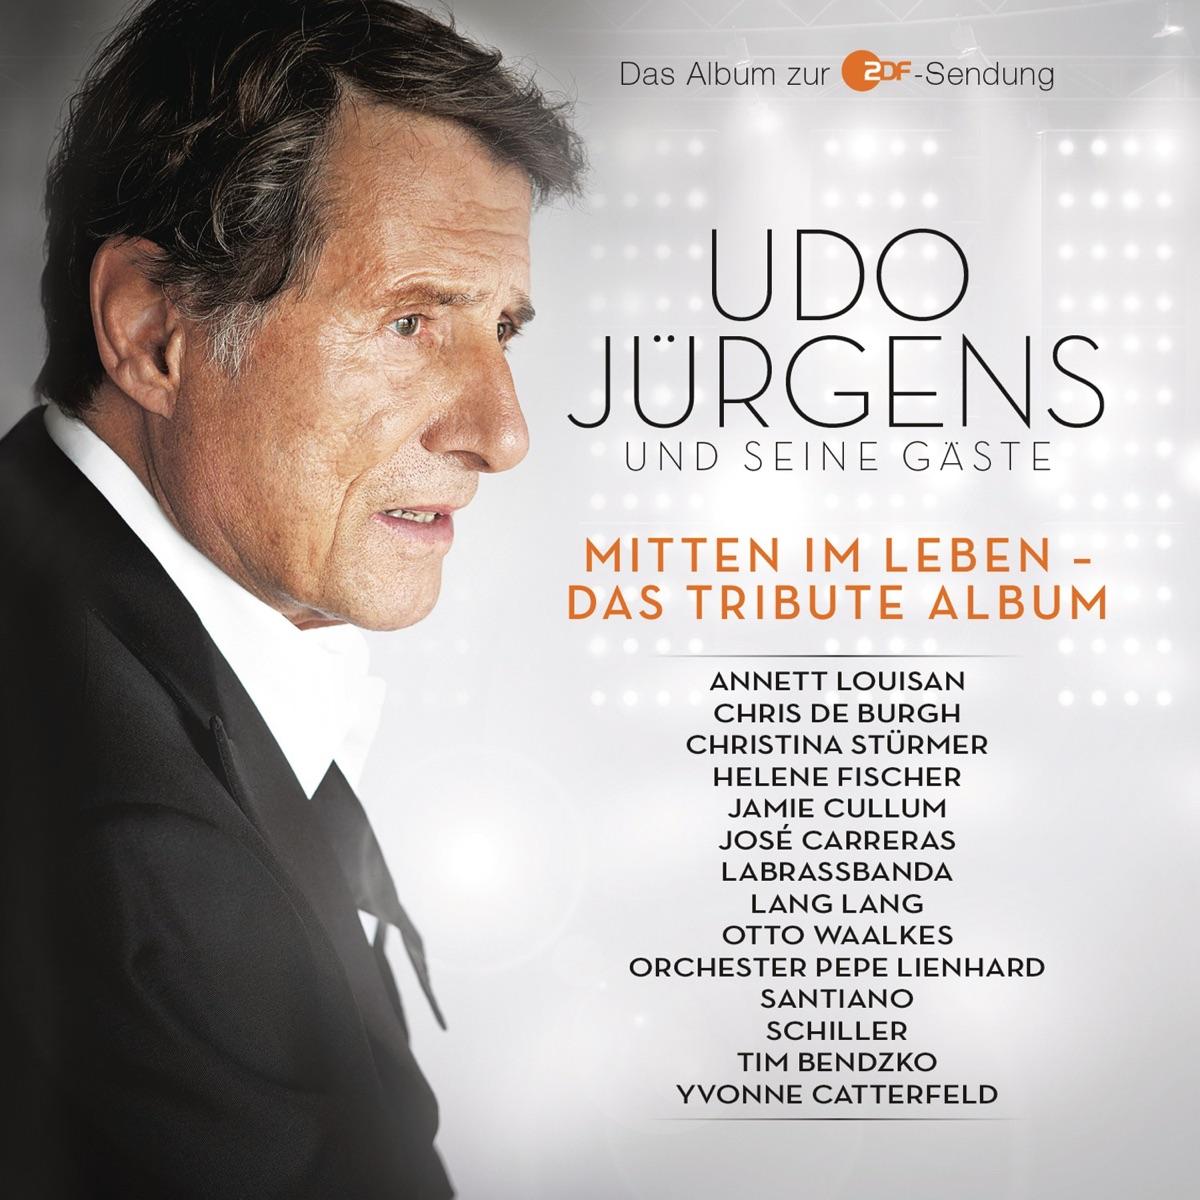 Udo Jürgens - Mitten im Leben - Das Tribute Album by Udo Jürgens